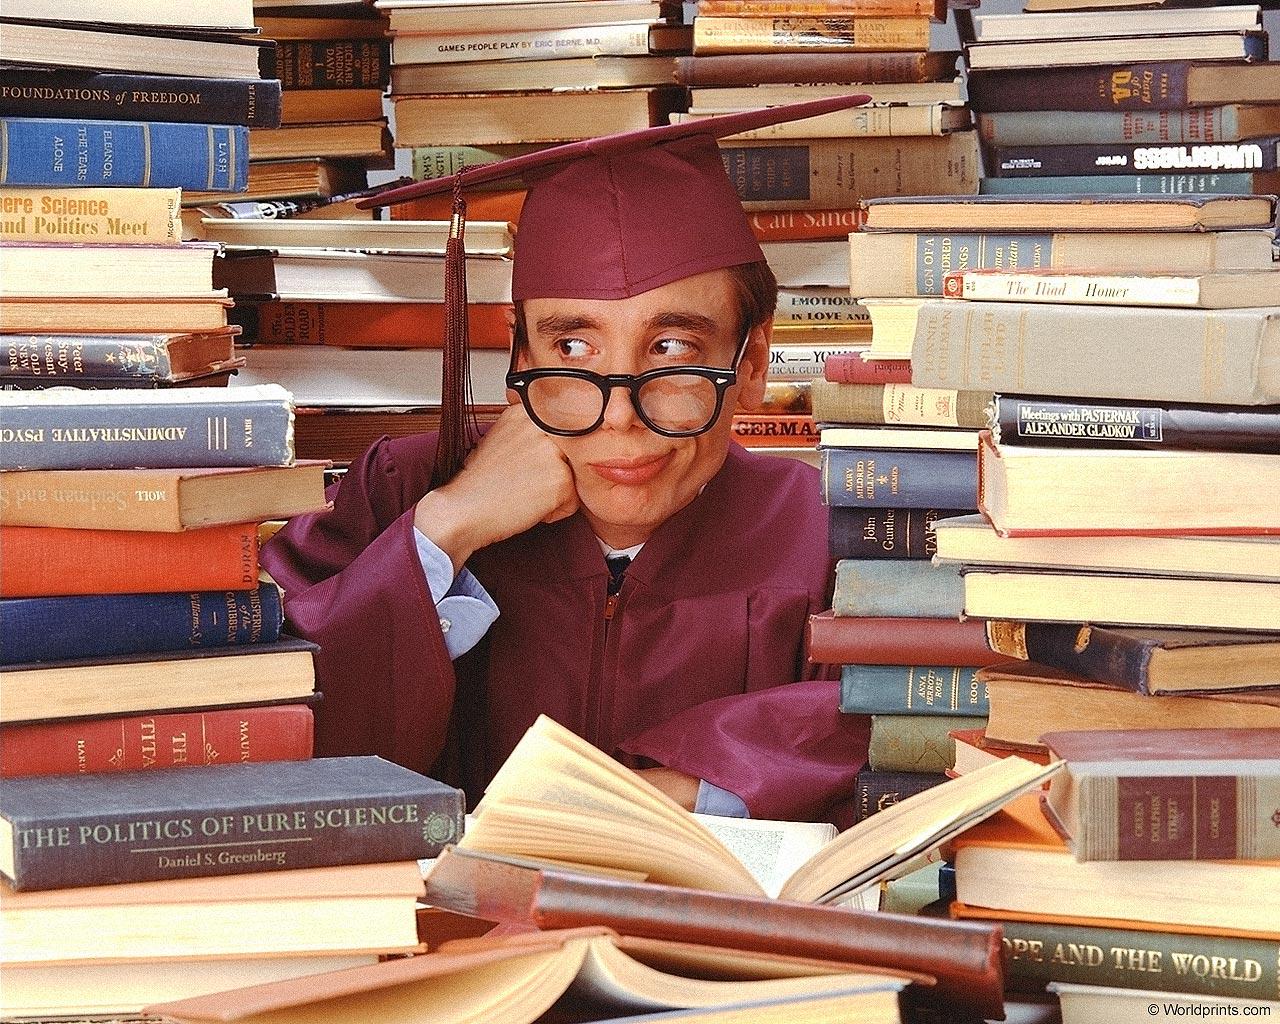 Заказывать дипломную работу или писать самому Образ жизни  Заказывать дипломную работу или писать самому